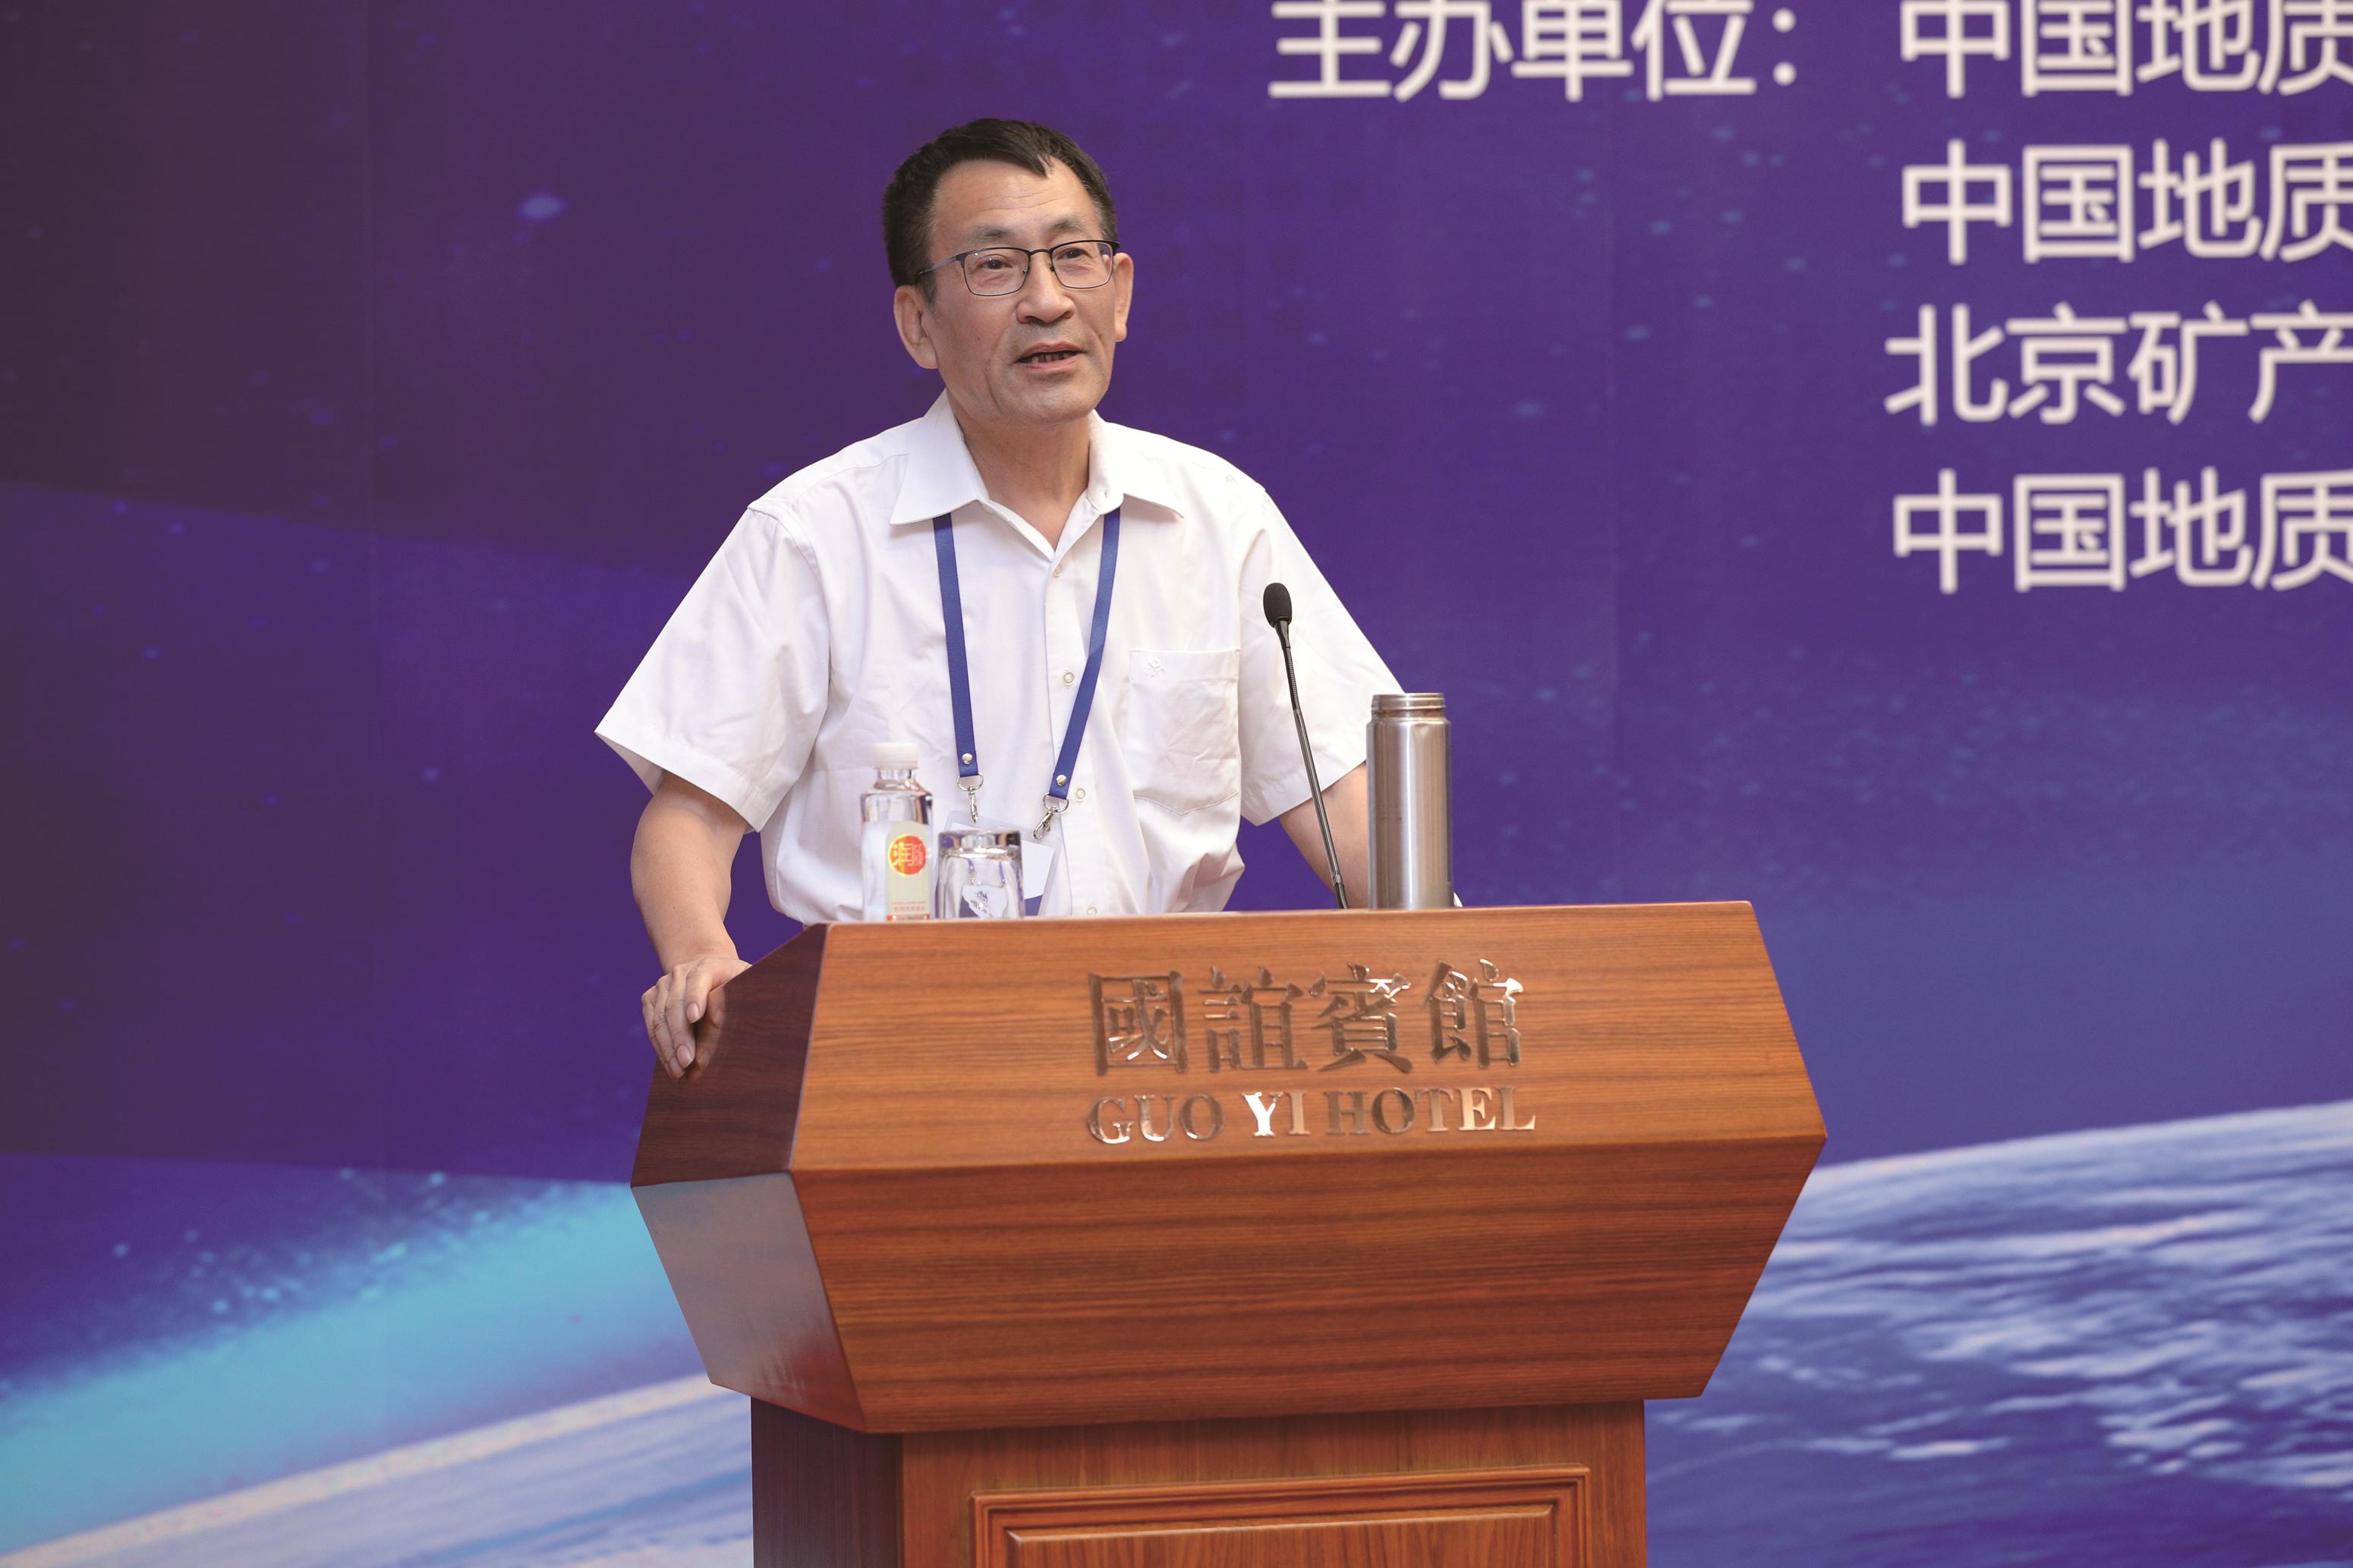 新时代中国矿业企业走出去的新潮向_副本